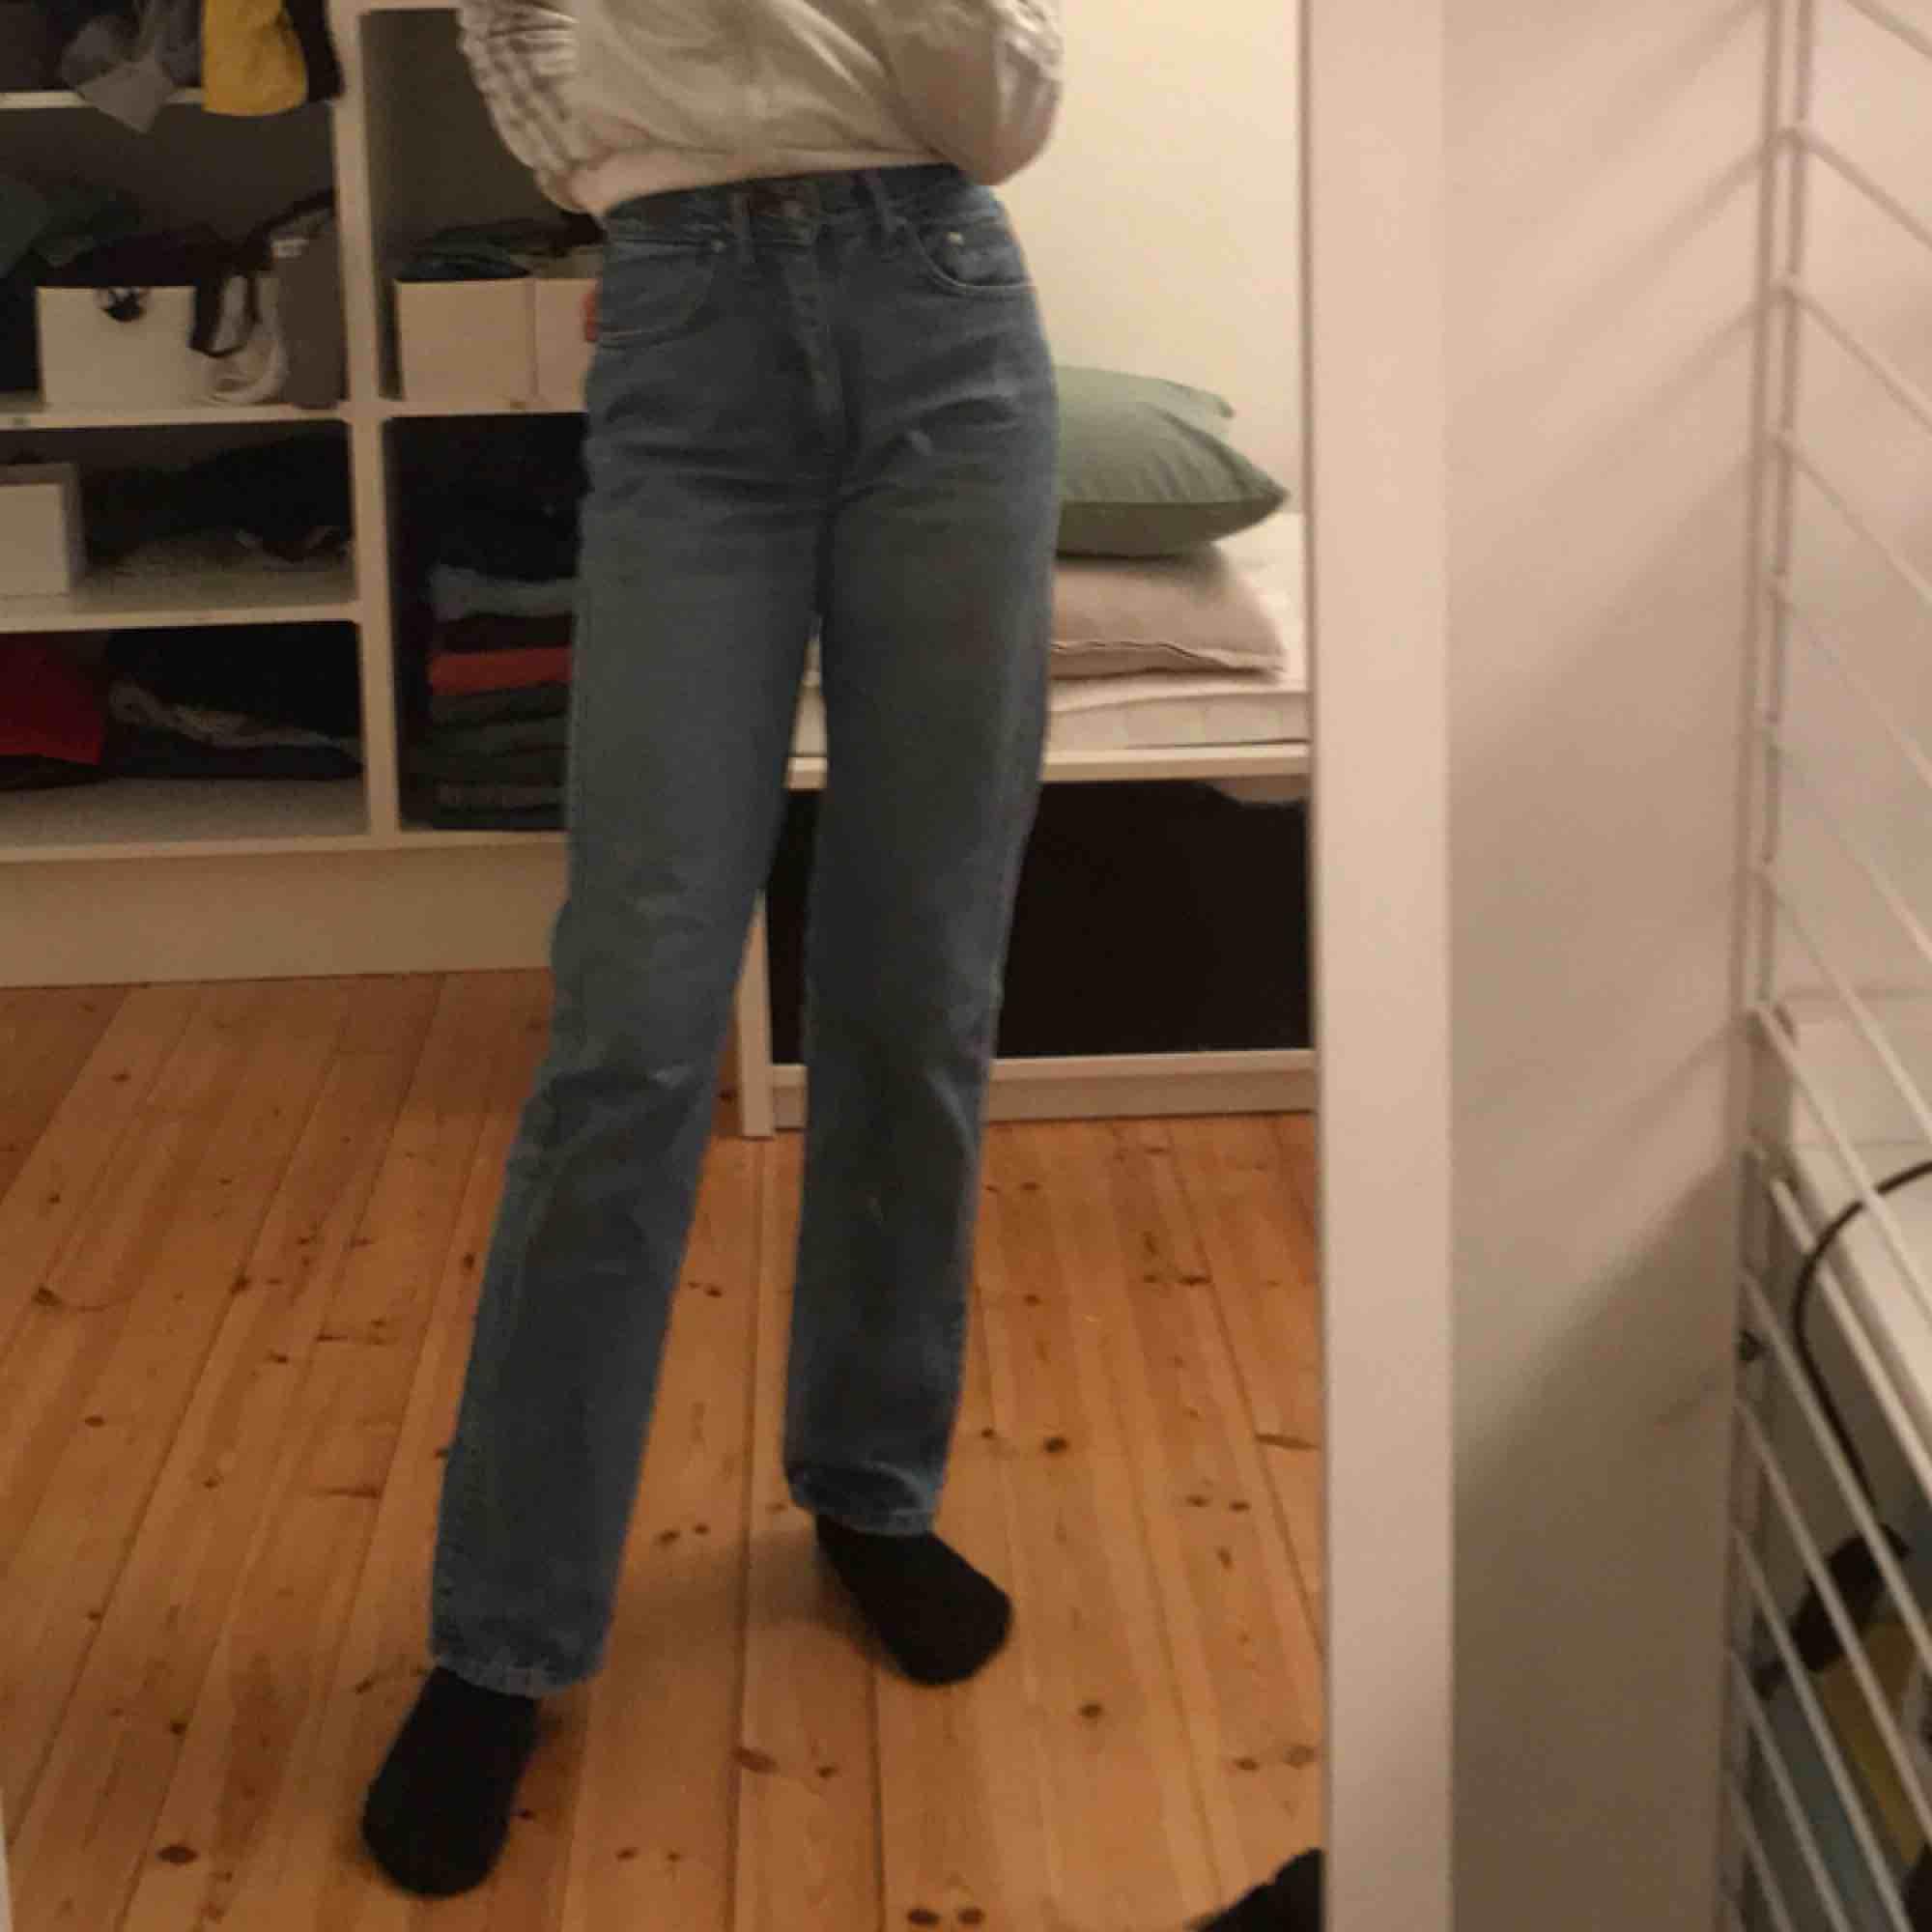 64d135d2877 Super sjyssta Äkta Versace jeans som är vintage, köpta på humana.